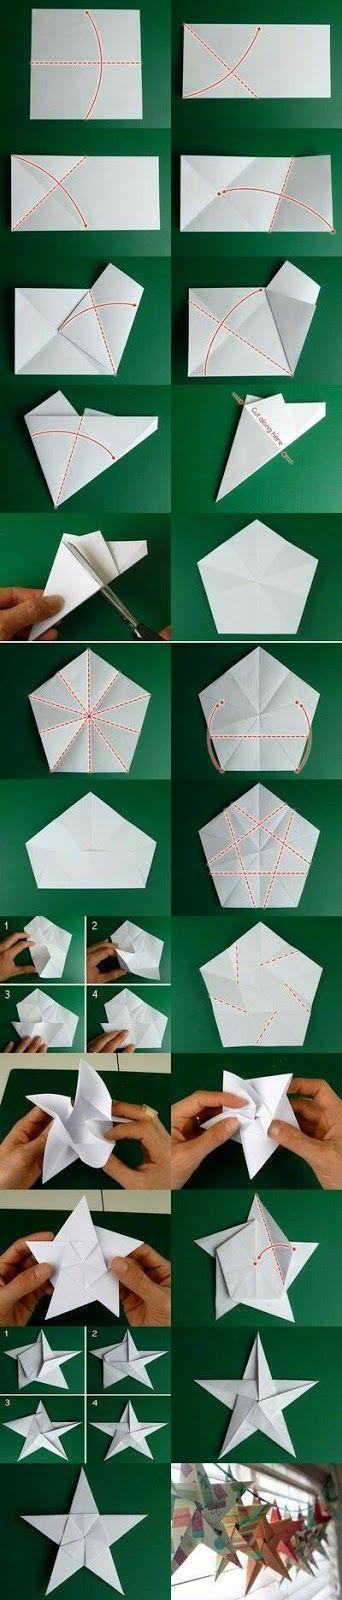 seni melipat kertas origami cara melipat menjadi kertas bintang